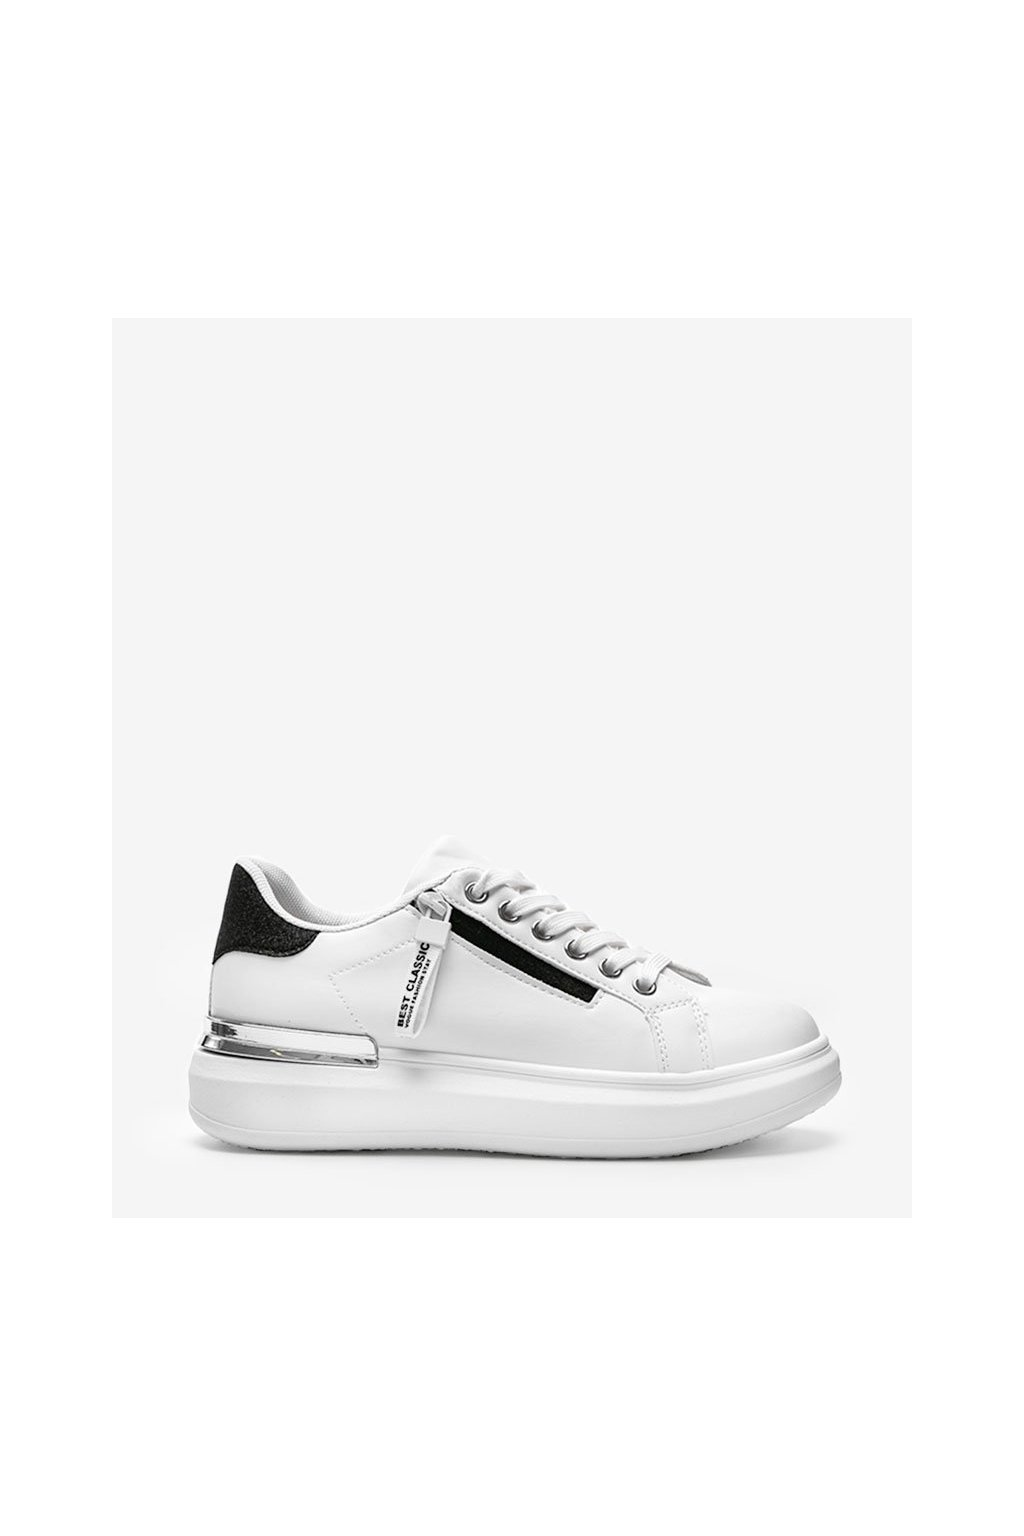 Dámske topánky tenisky biele kód F006 - GM